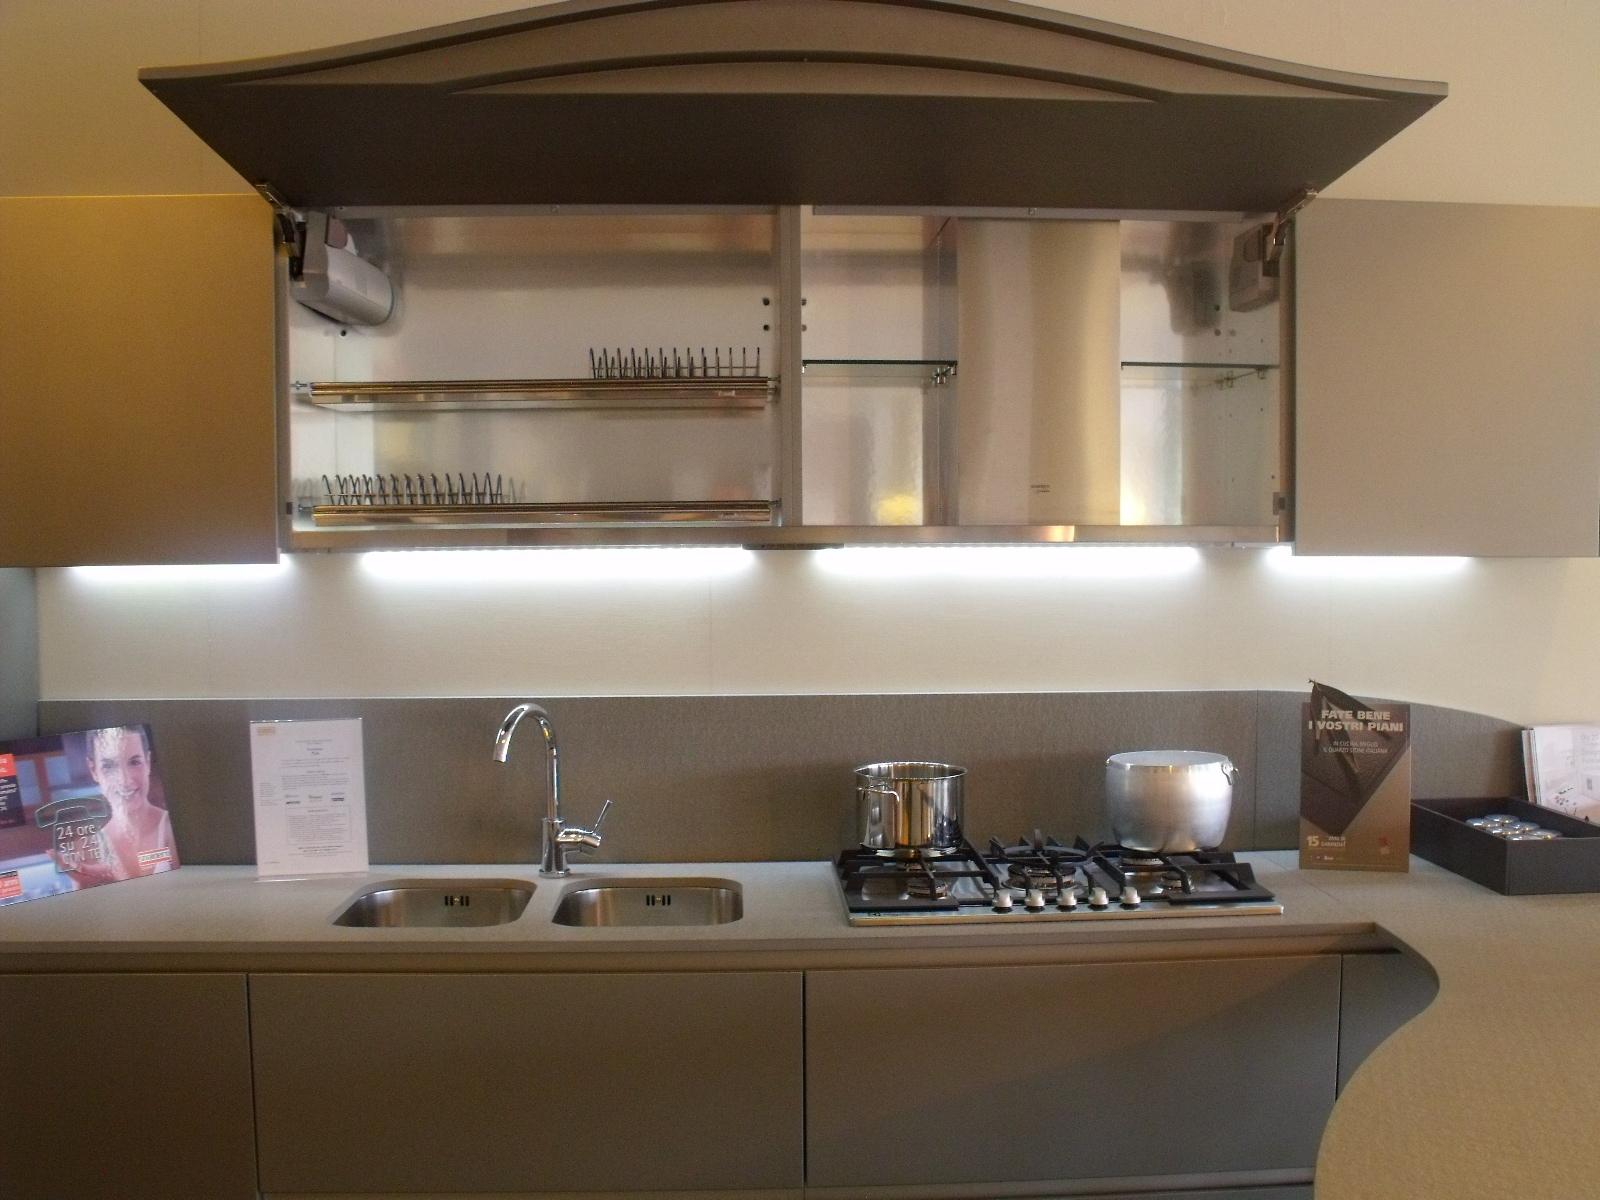 Cucina Snaidero Ola 20 Scontato Del  47 % Cucine A Prezzi Scontati #806442 1600 1200 Veneta Cucine O Snaidero